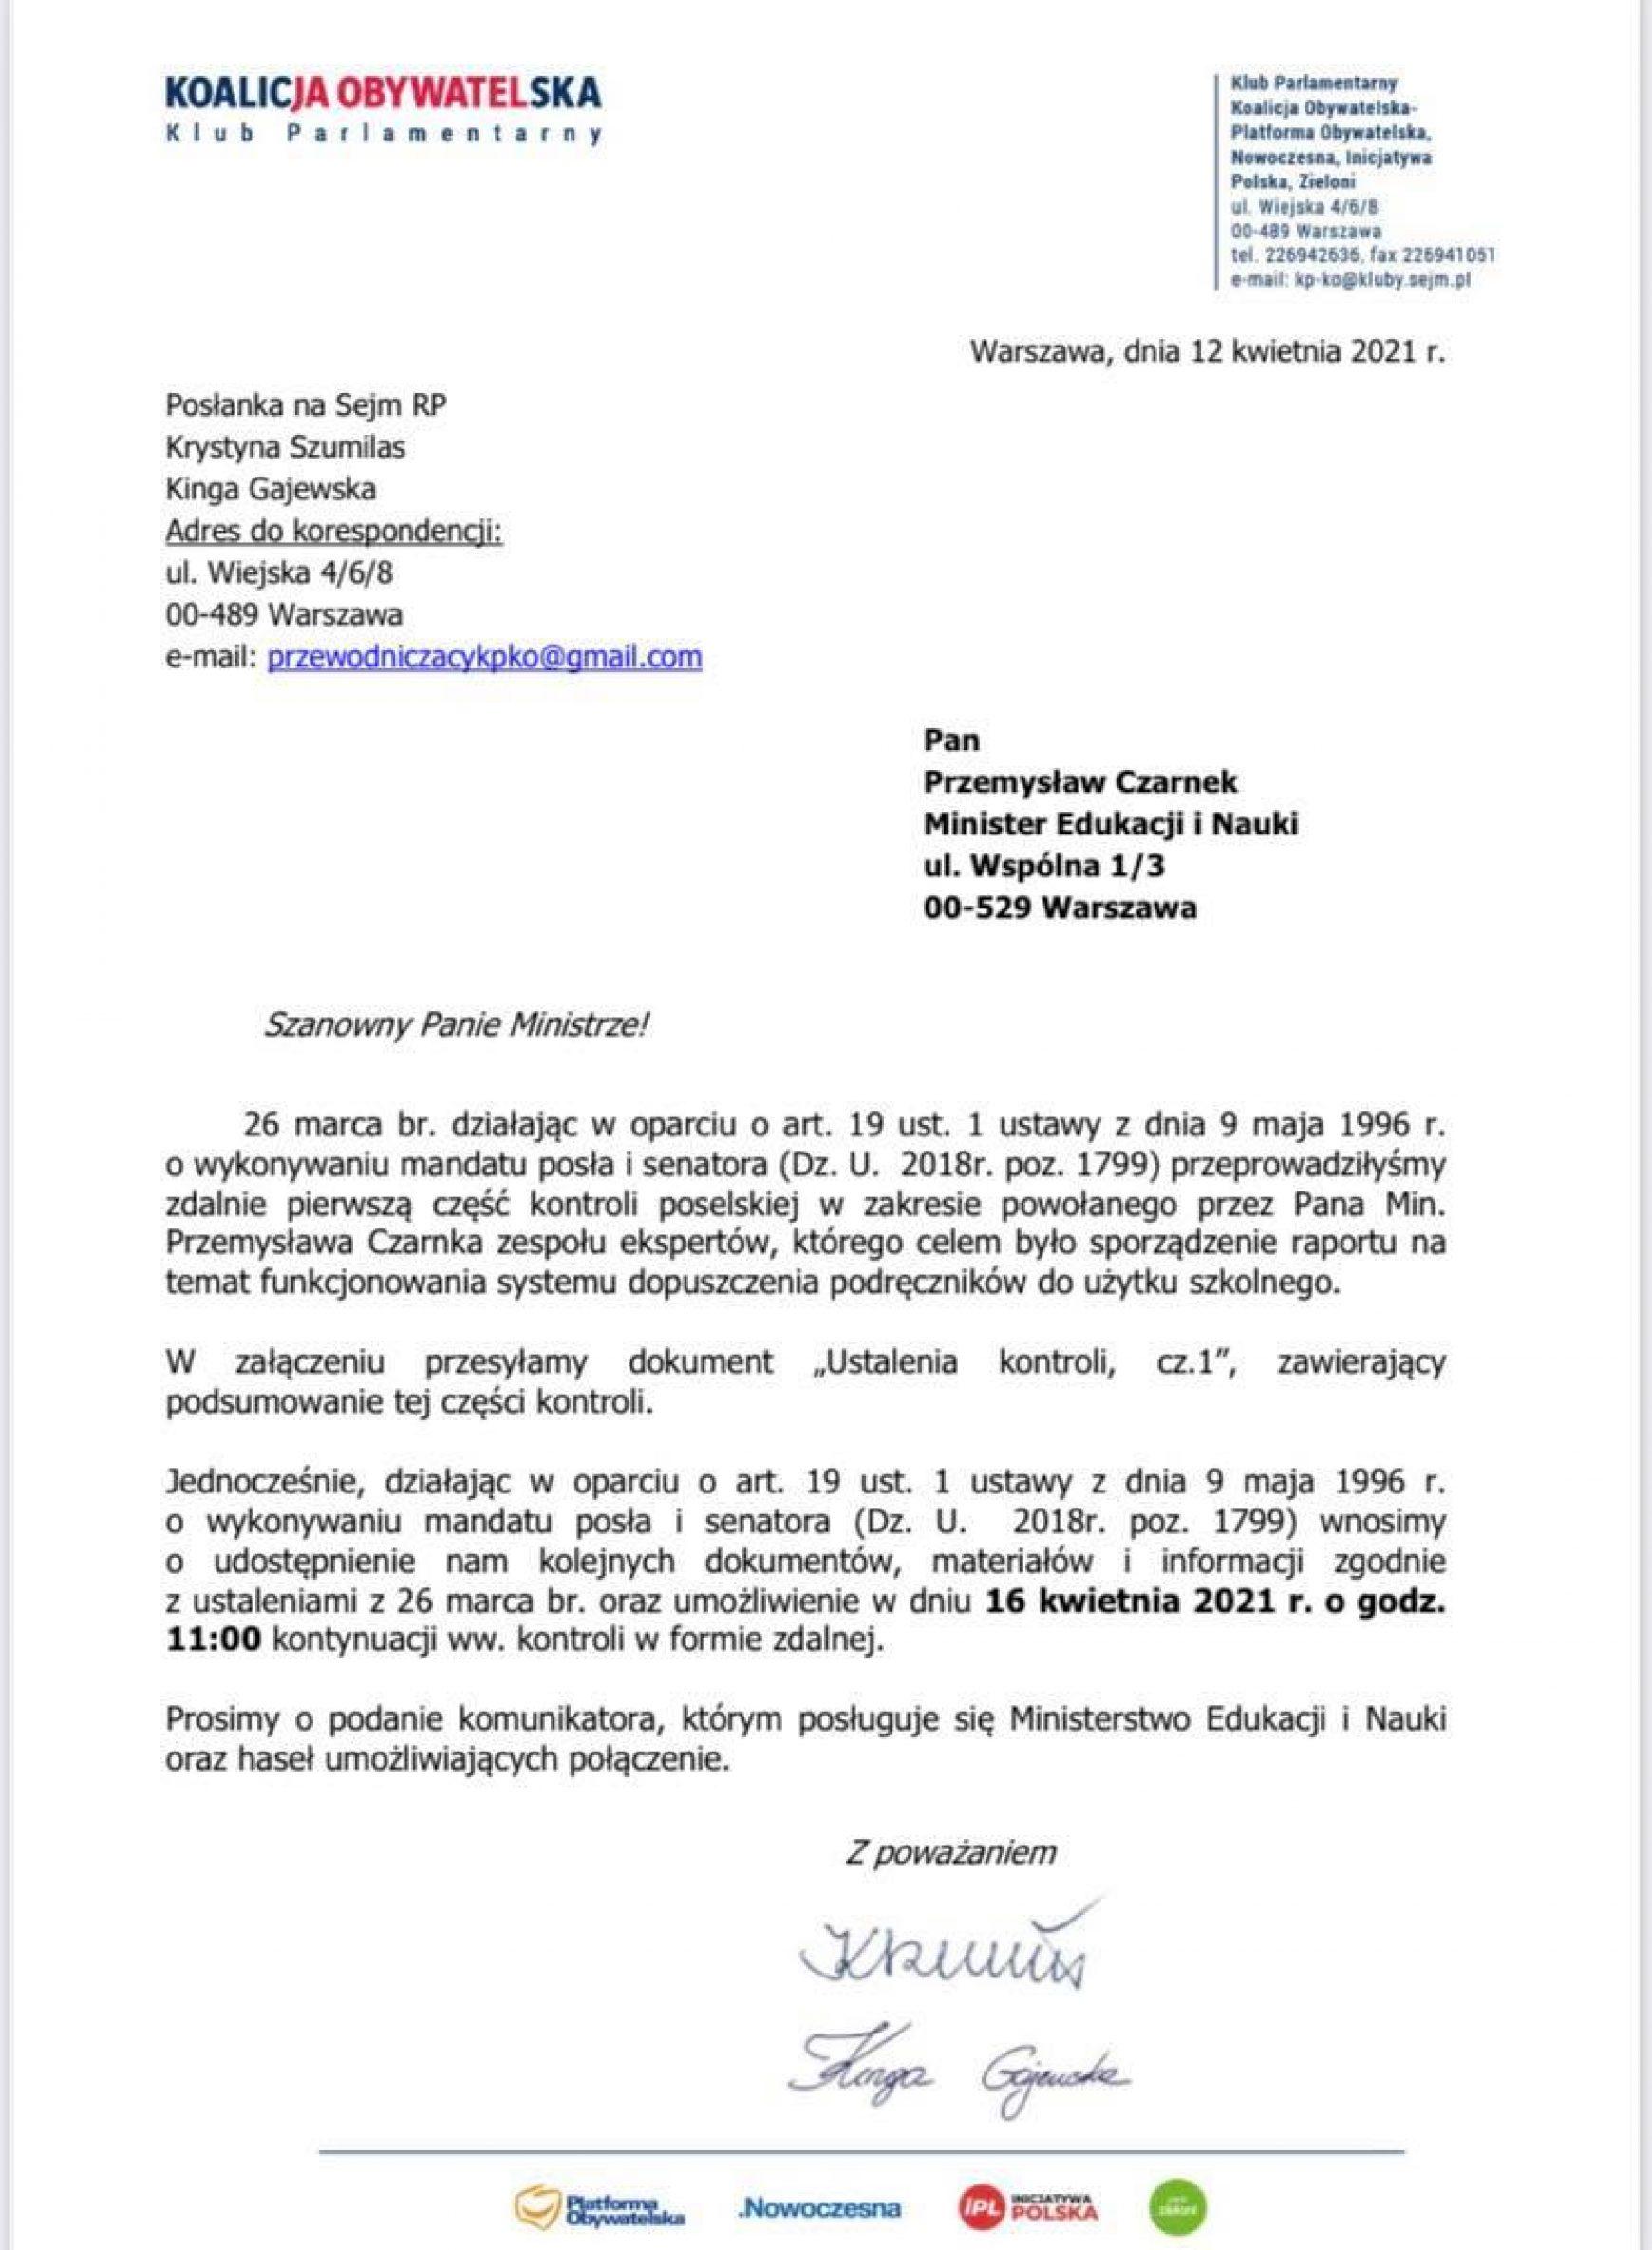 Kontrola poselska dot. powołania zespołu ekspertów, który miał ocenić system dopuszczania podr. do użytku szkolnego